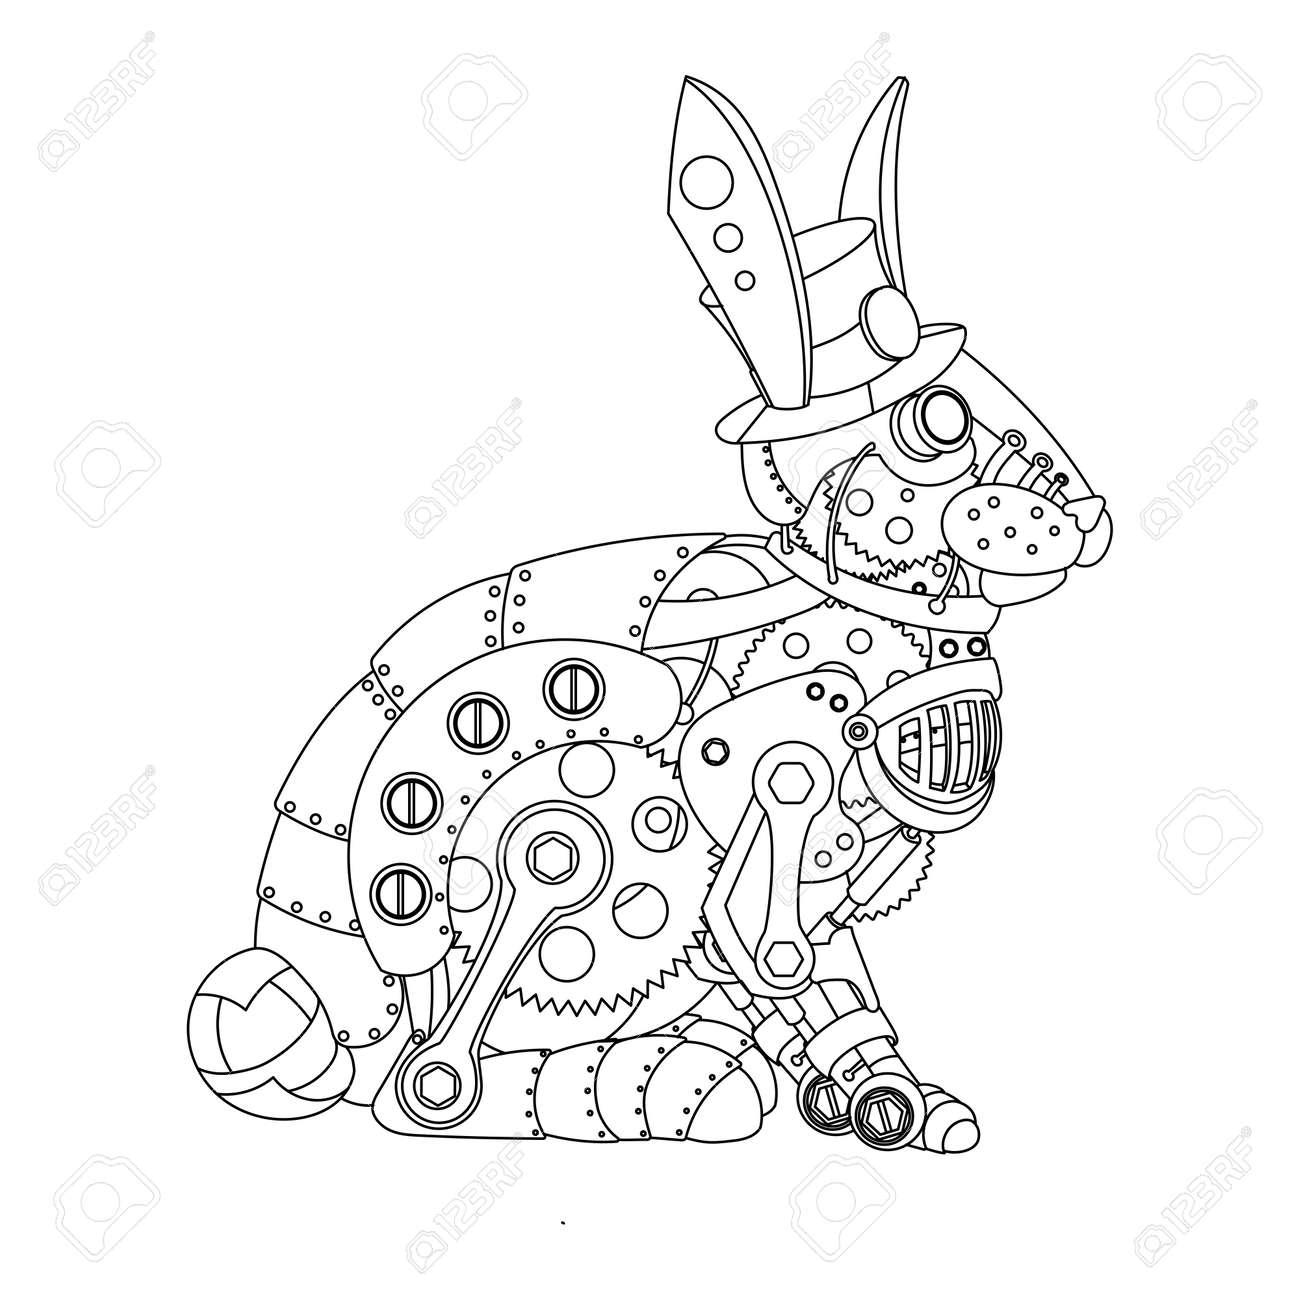 スチーム パンクなスタイルのウサギ機械動物大人のベクトル イラスト